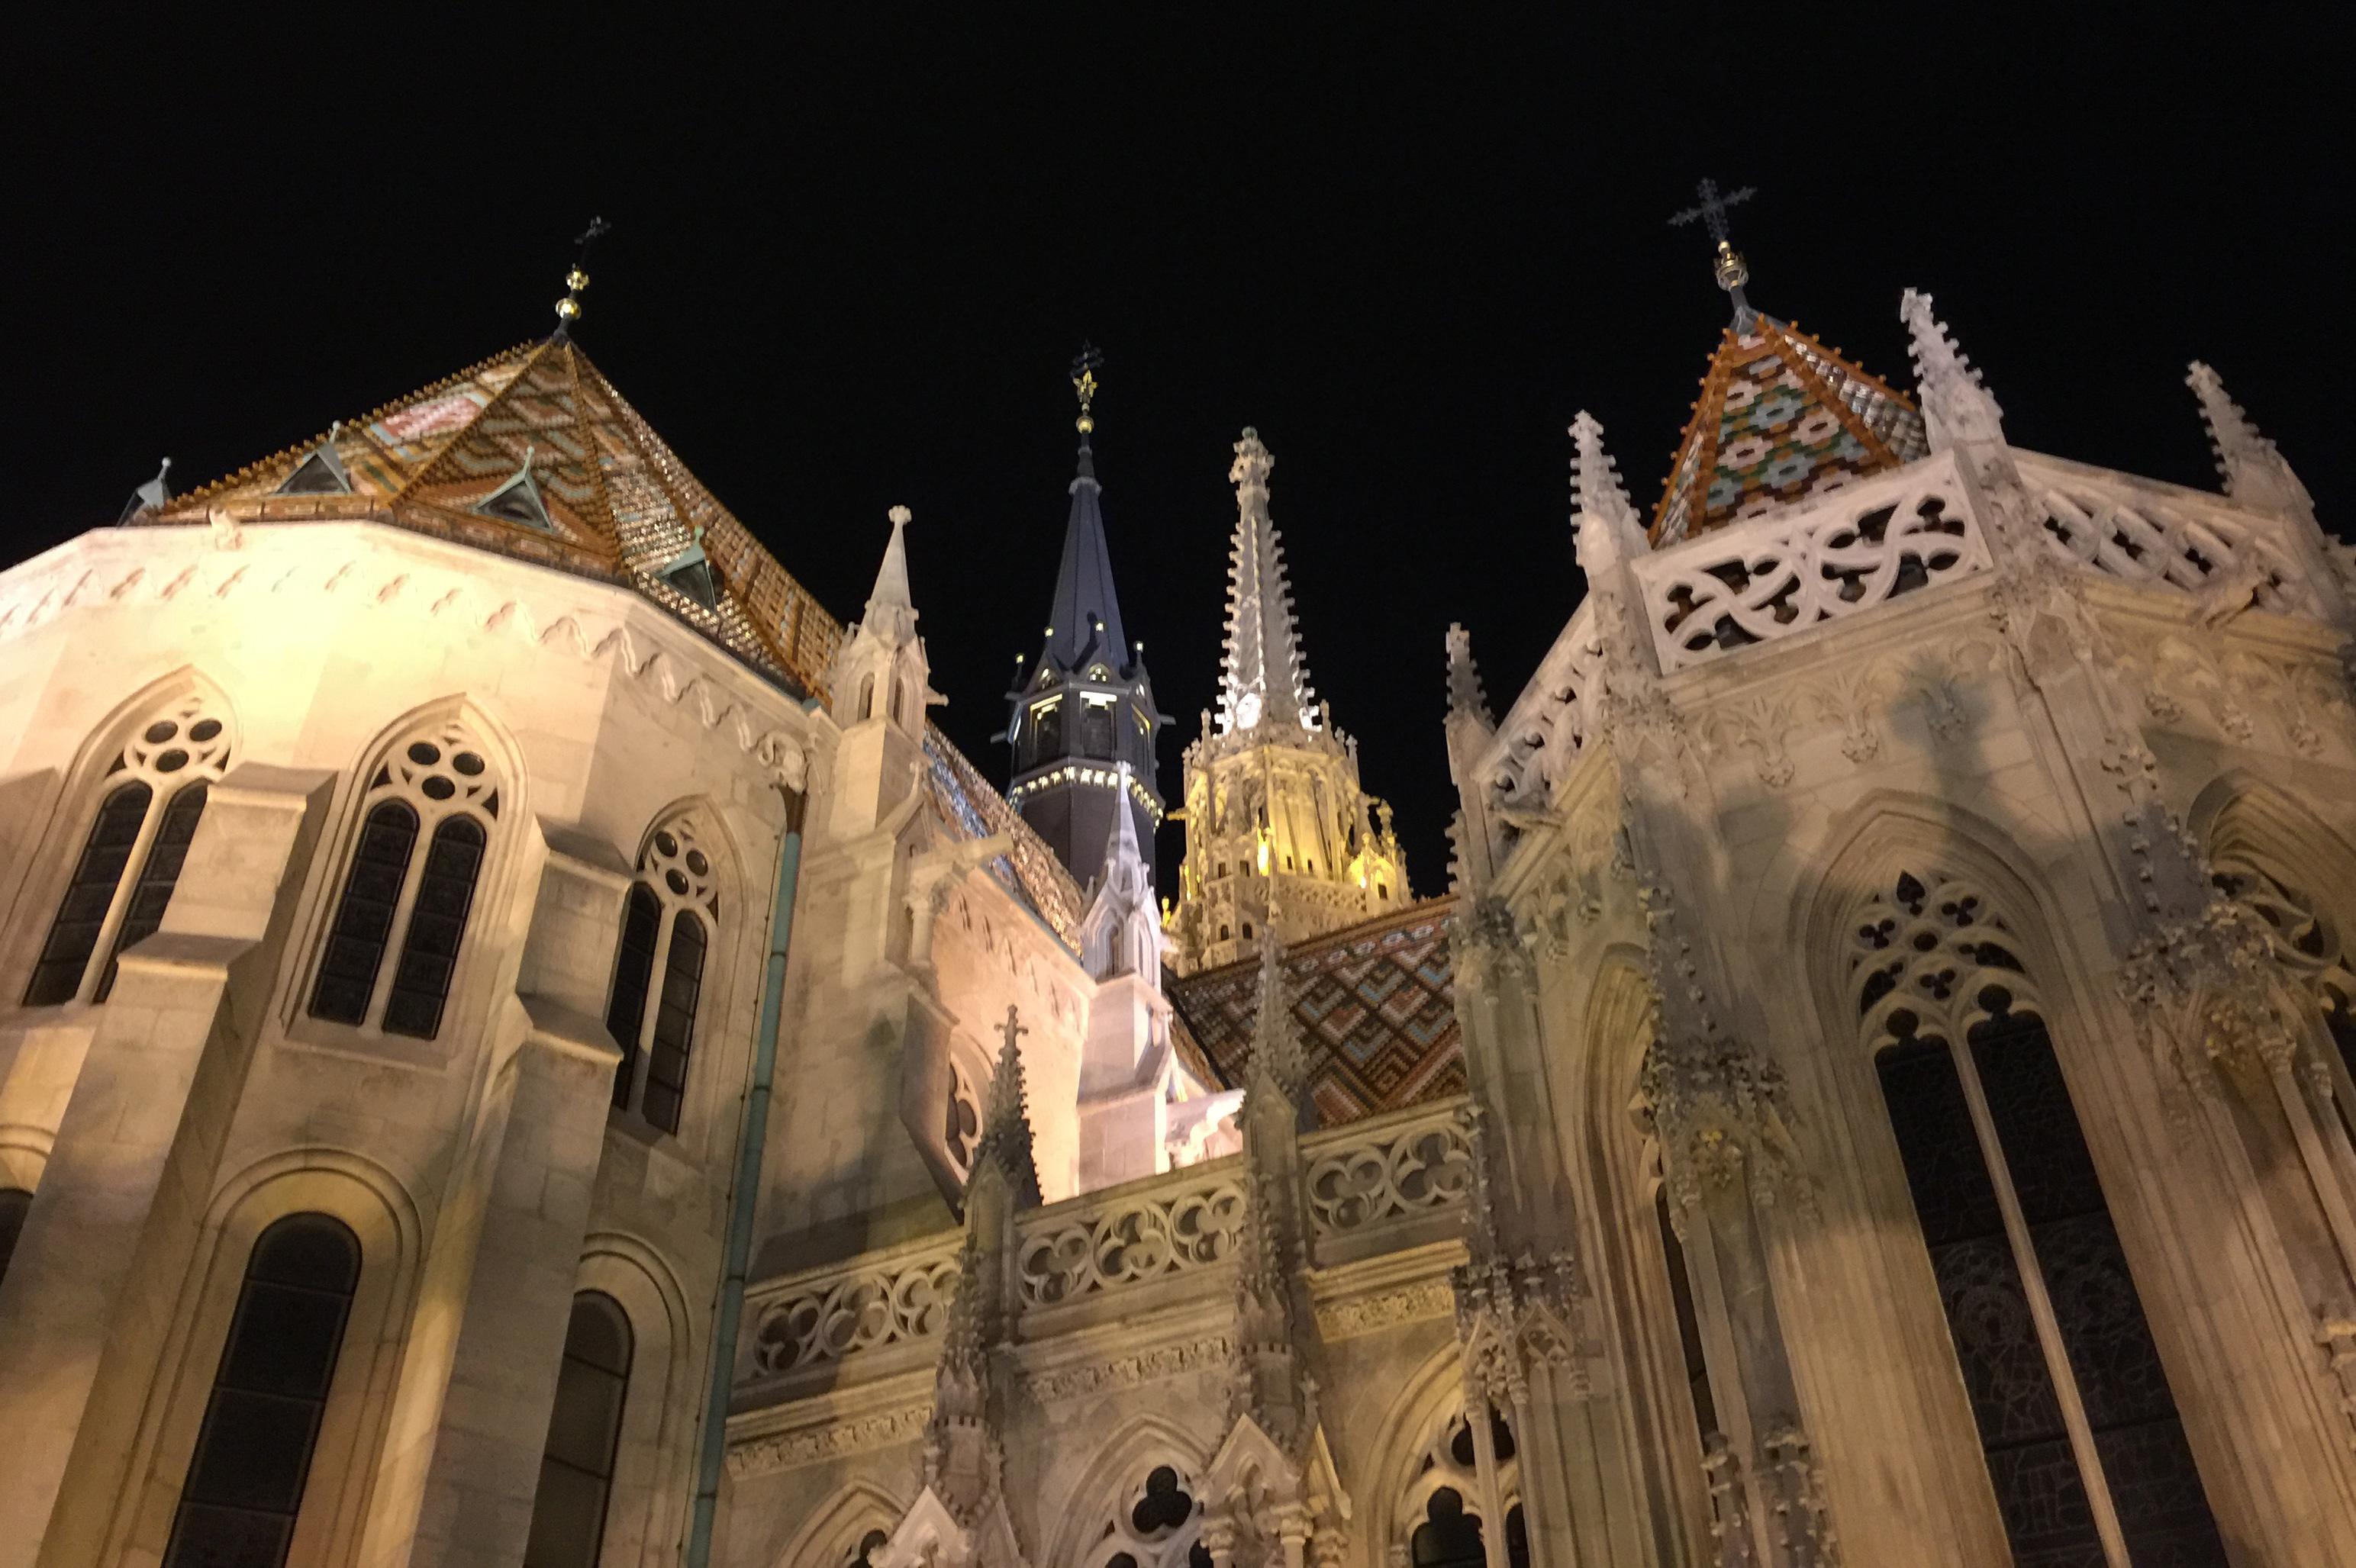 Matthiaskirken, den mest velkjente katolske kirken i Budapest ble først bygget på 1000-tallet, ble etterhvert bygget på i forskjellige tidsepoker på 13-1500 tallet. Den fikk sin nåværende form i nygotisk stil i 1896. Legg merke til det flotte taket som er i keramikkfliser, noe som vi ser på flere bygninger i Budapest og er den særegne Art Deco-stilen i Ungarn.